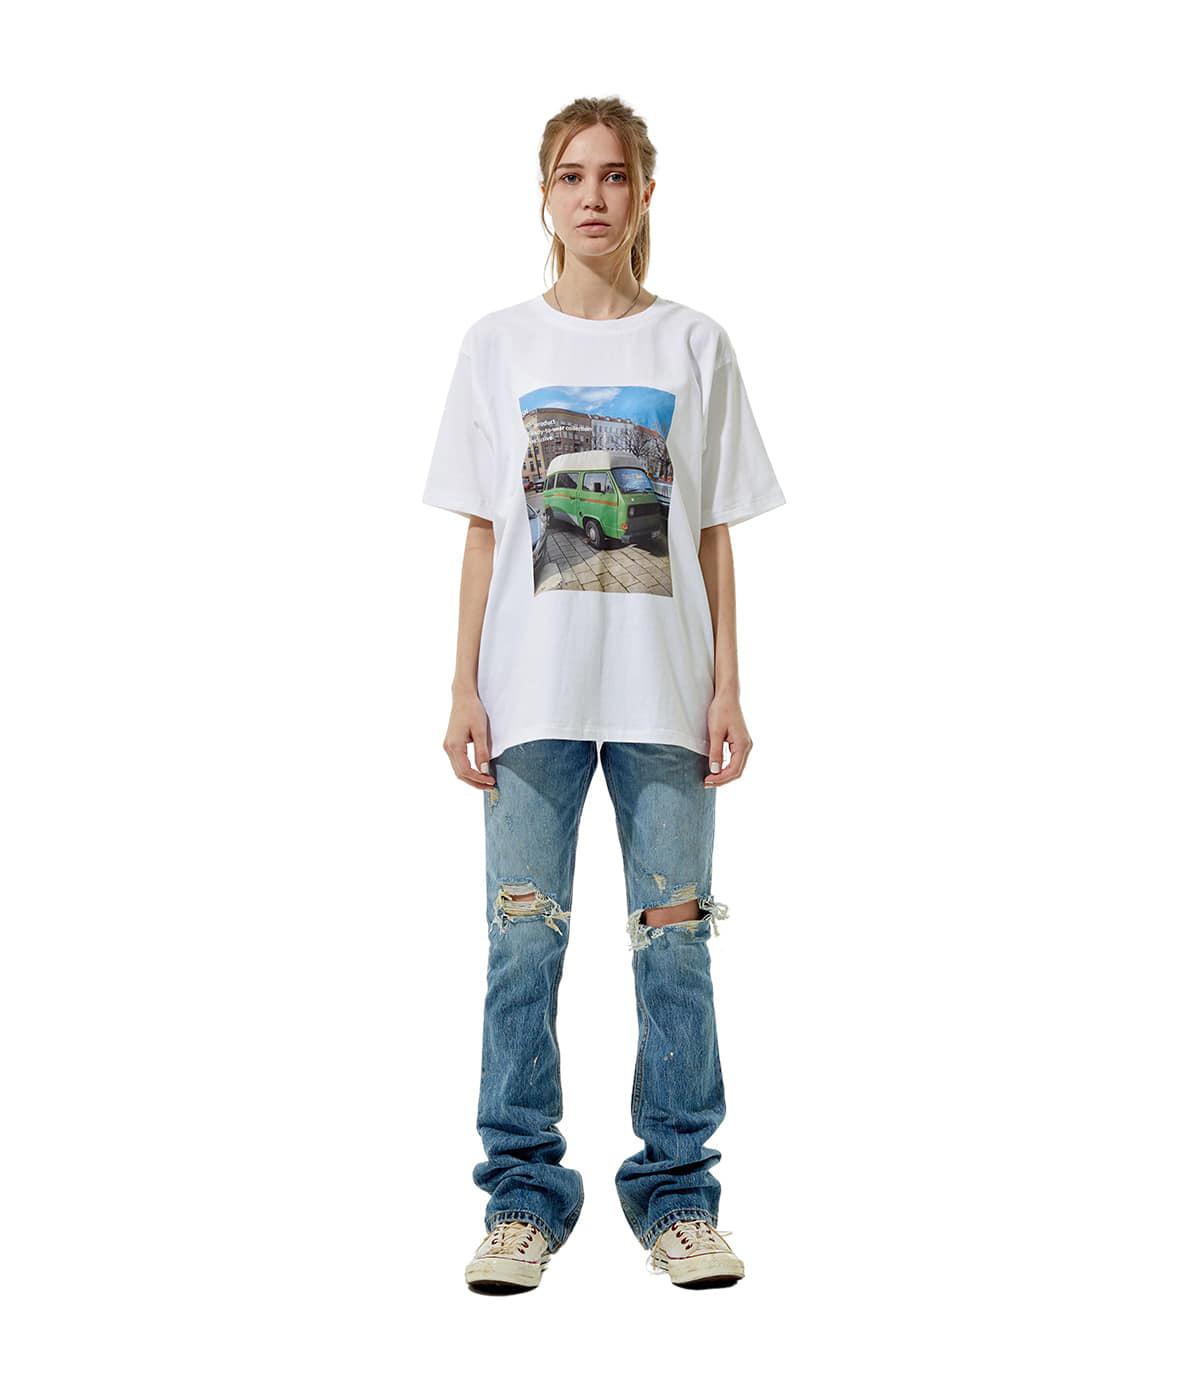 Photo #2 T-shirt (Green truck)